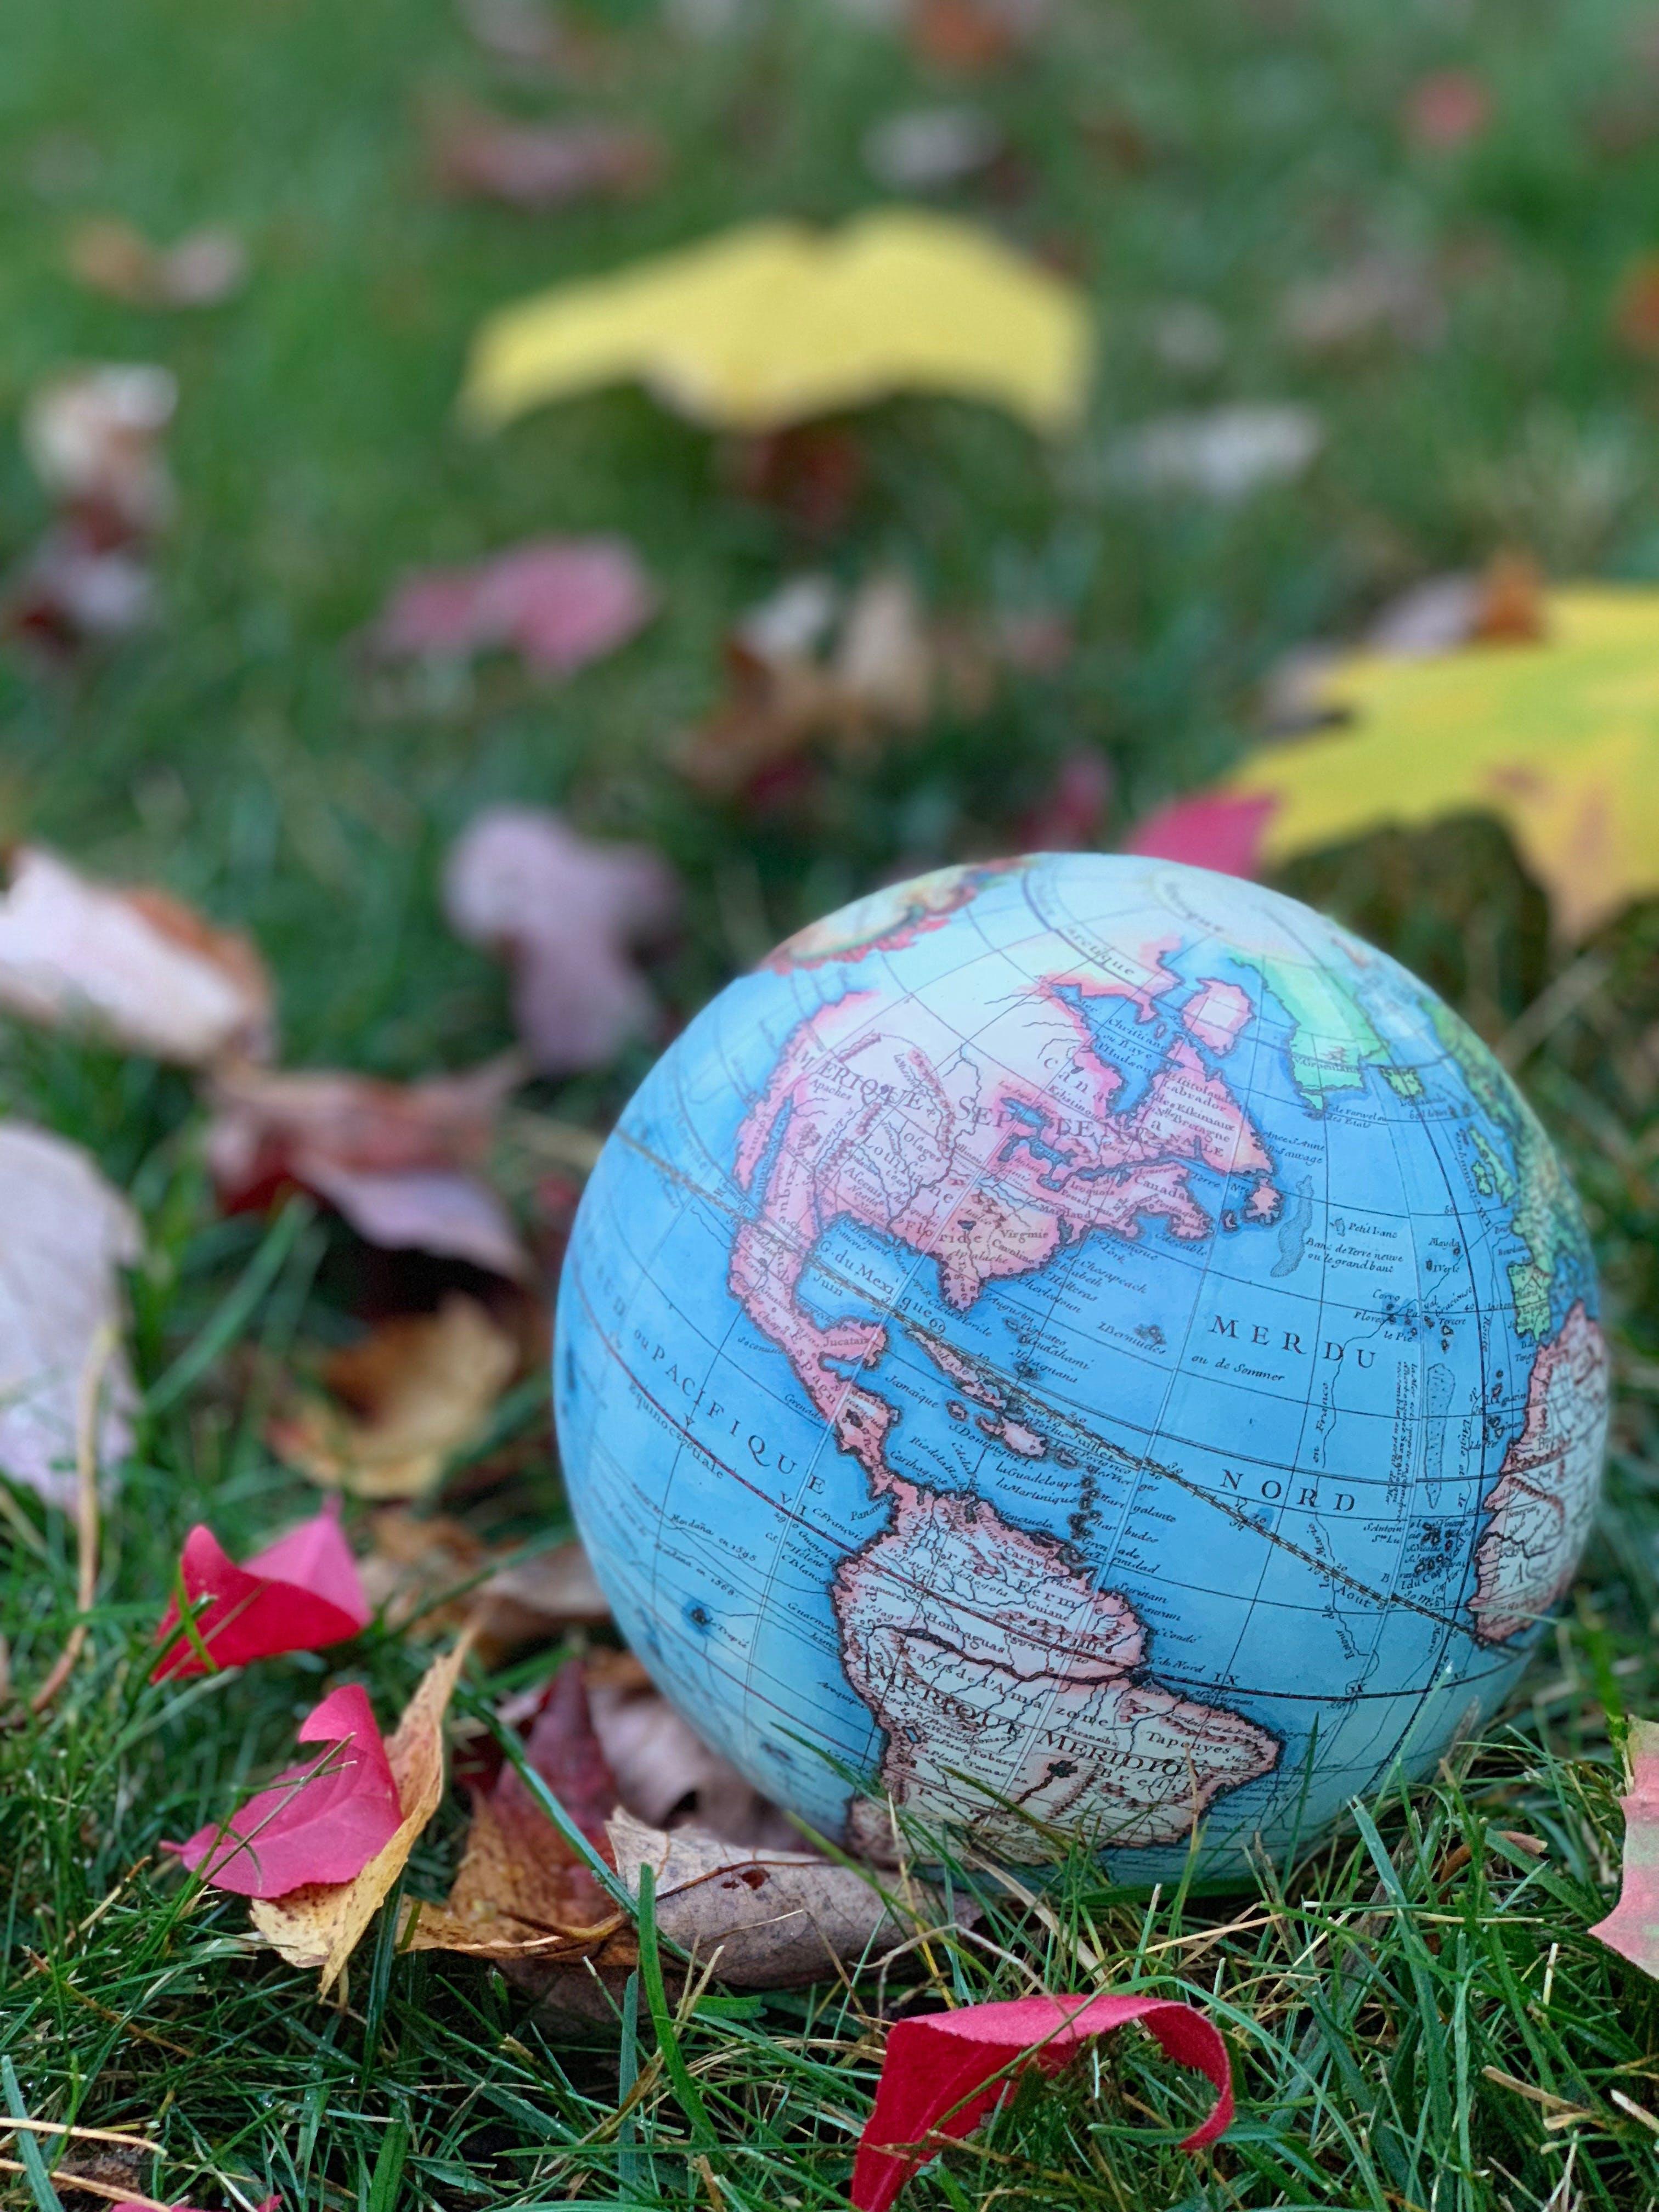 Free stock photo of fall colors, fall foliage, fall leaves, globe